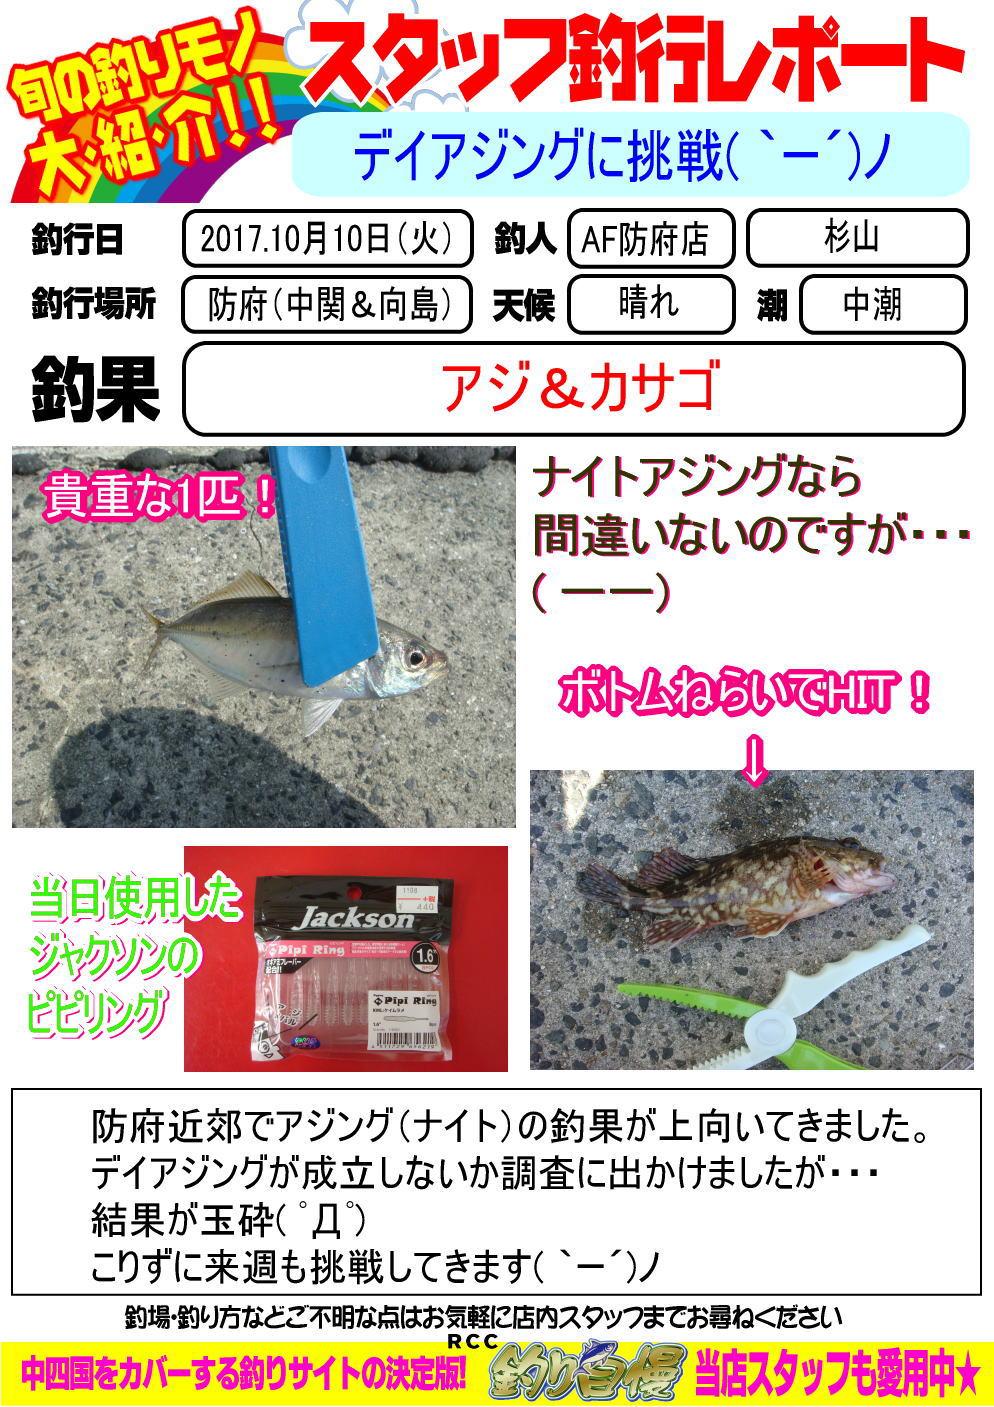 http://www.e-angle.co.jp/shop/blog/blog-20171010-houfu-azinngu.jpg